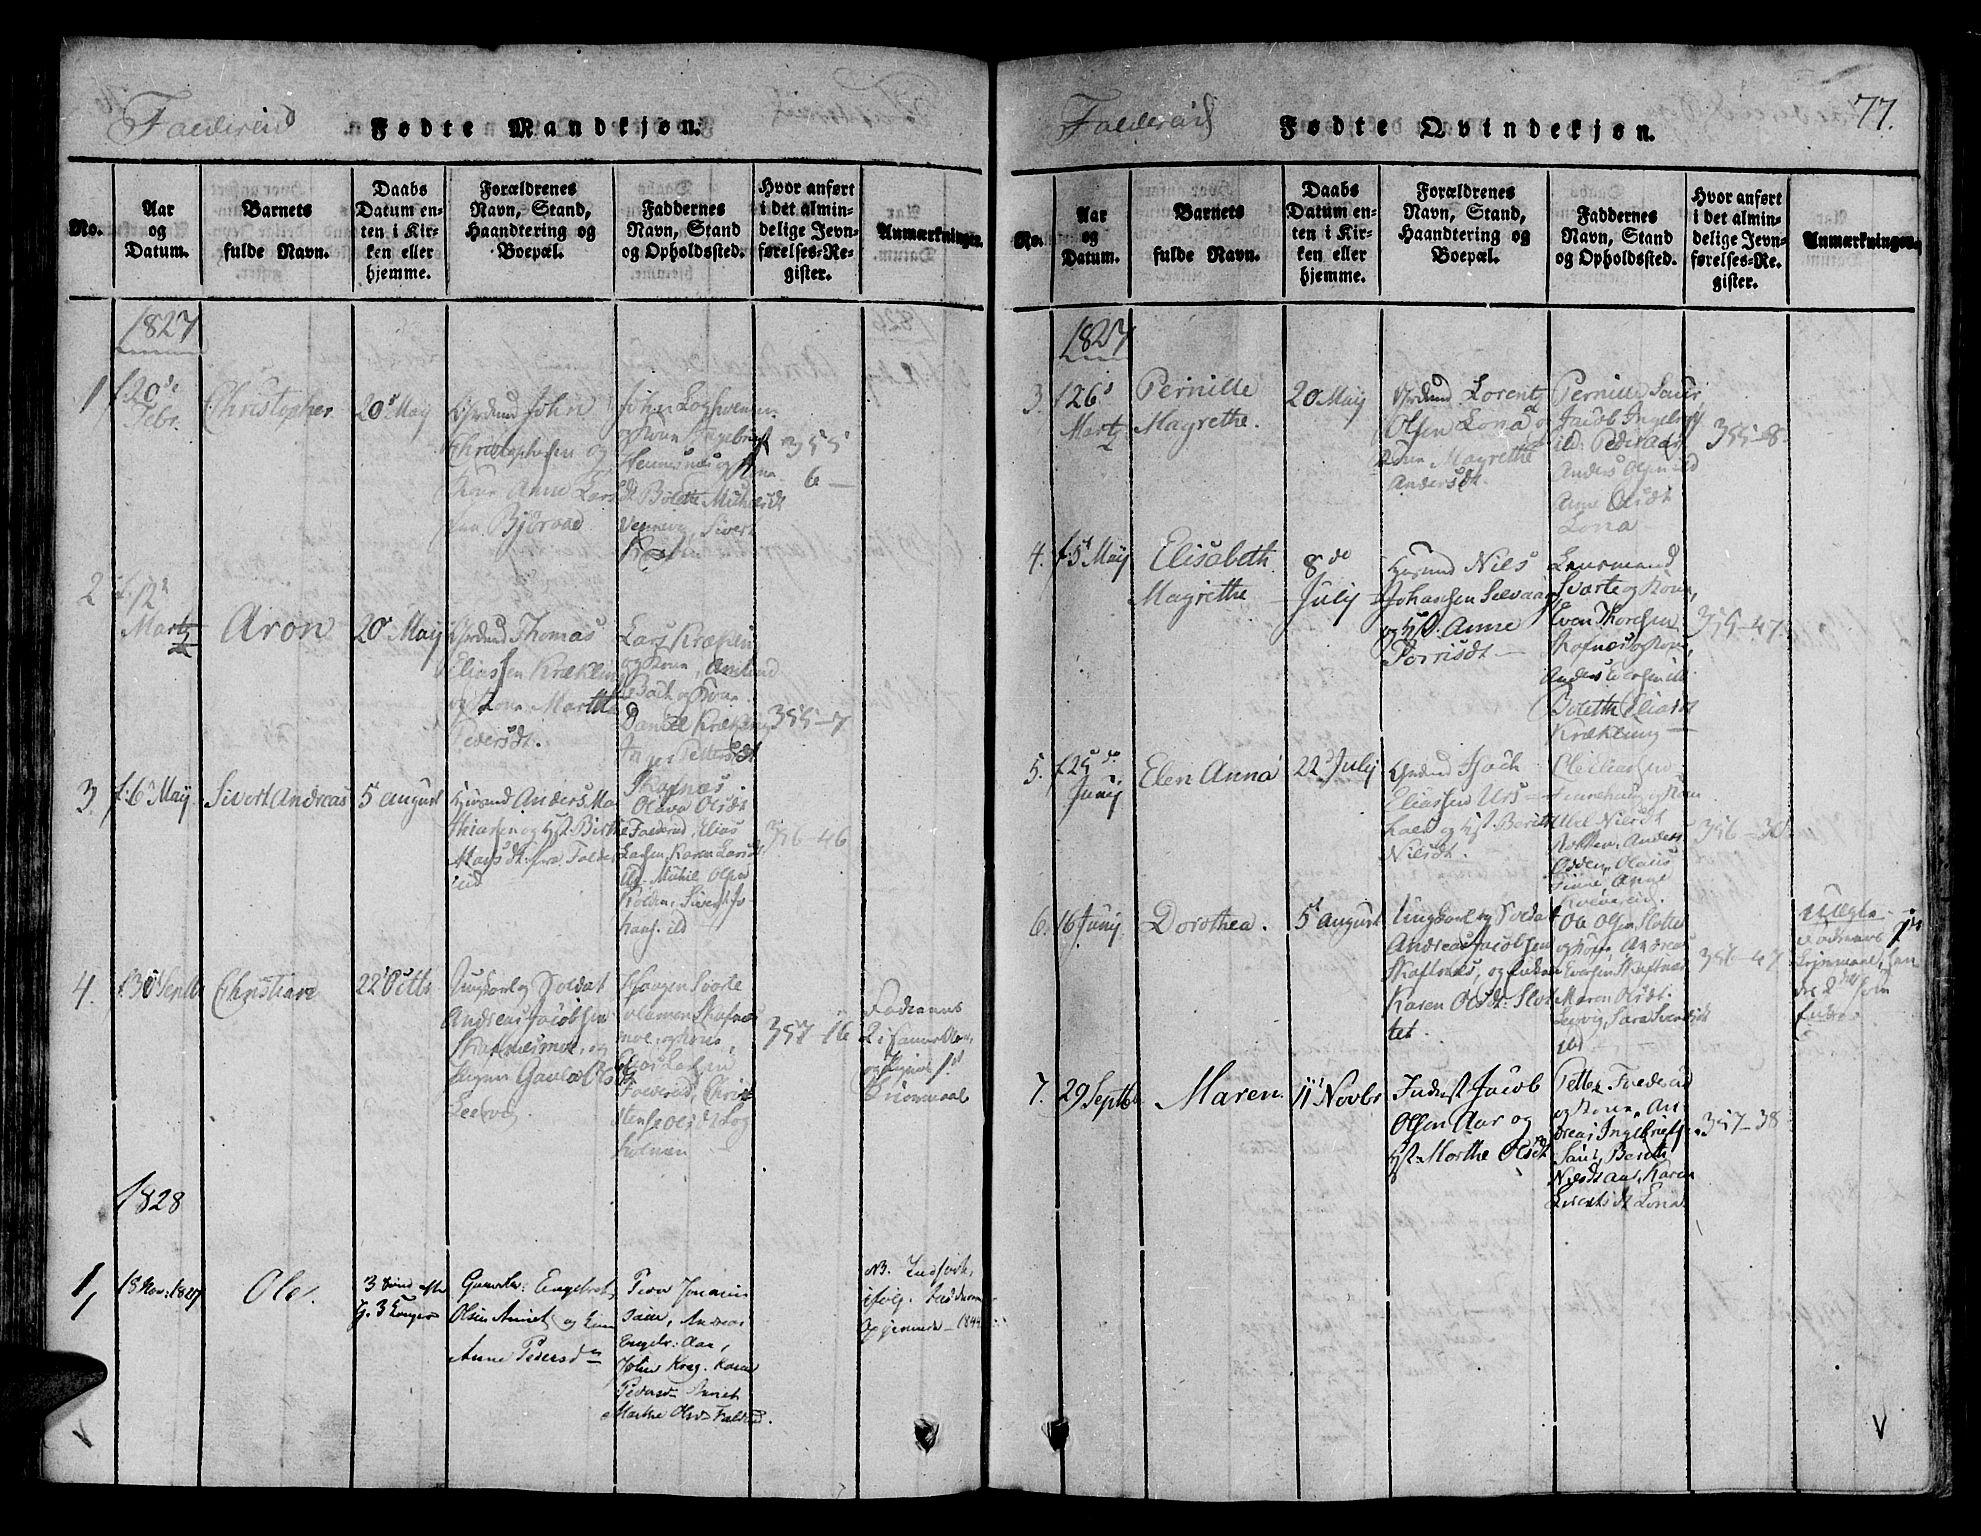 SAT, Ministerialprotokoller, klokkerbøker og fødselsregistre - Nord-Trøndelag, 780/L0636: Ministerialbok nr. 780A03 /3, 1815-1829, s. 77